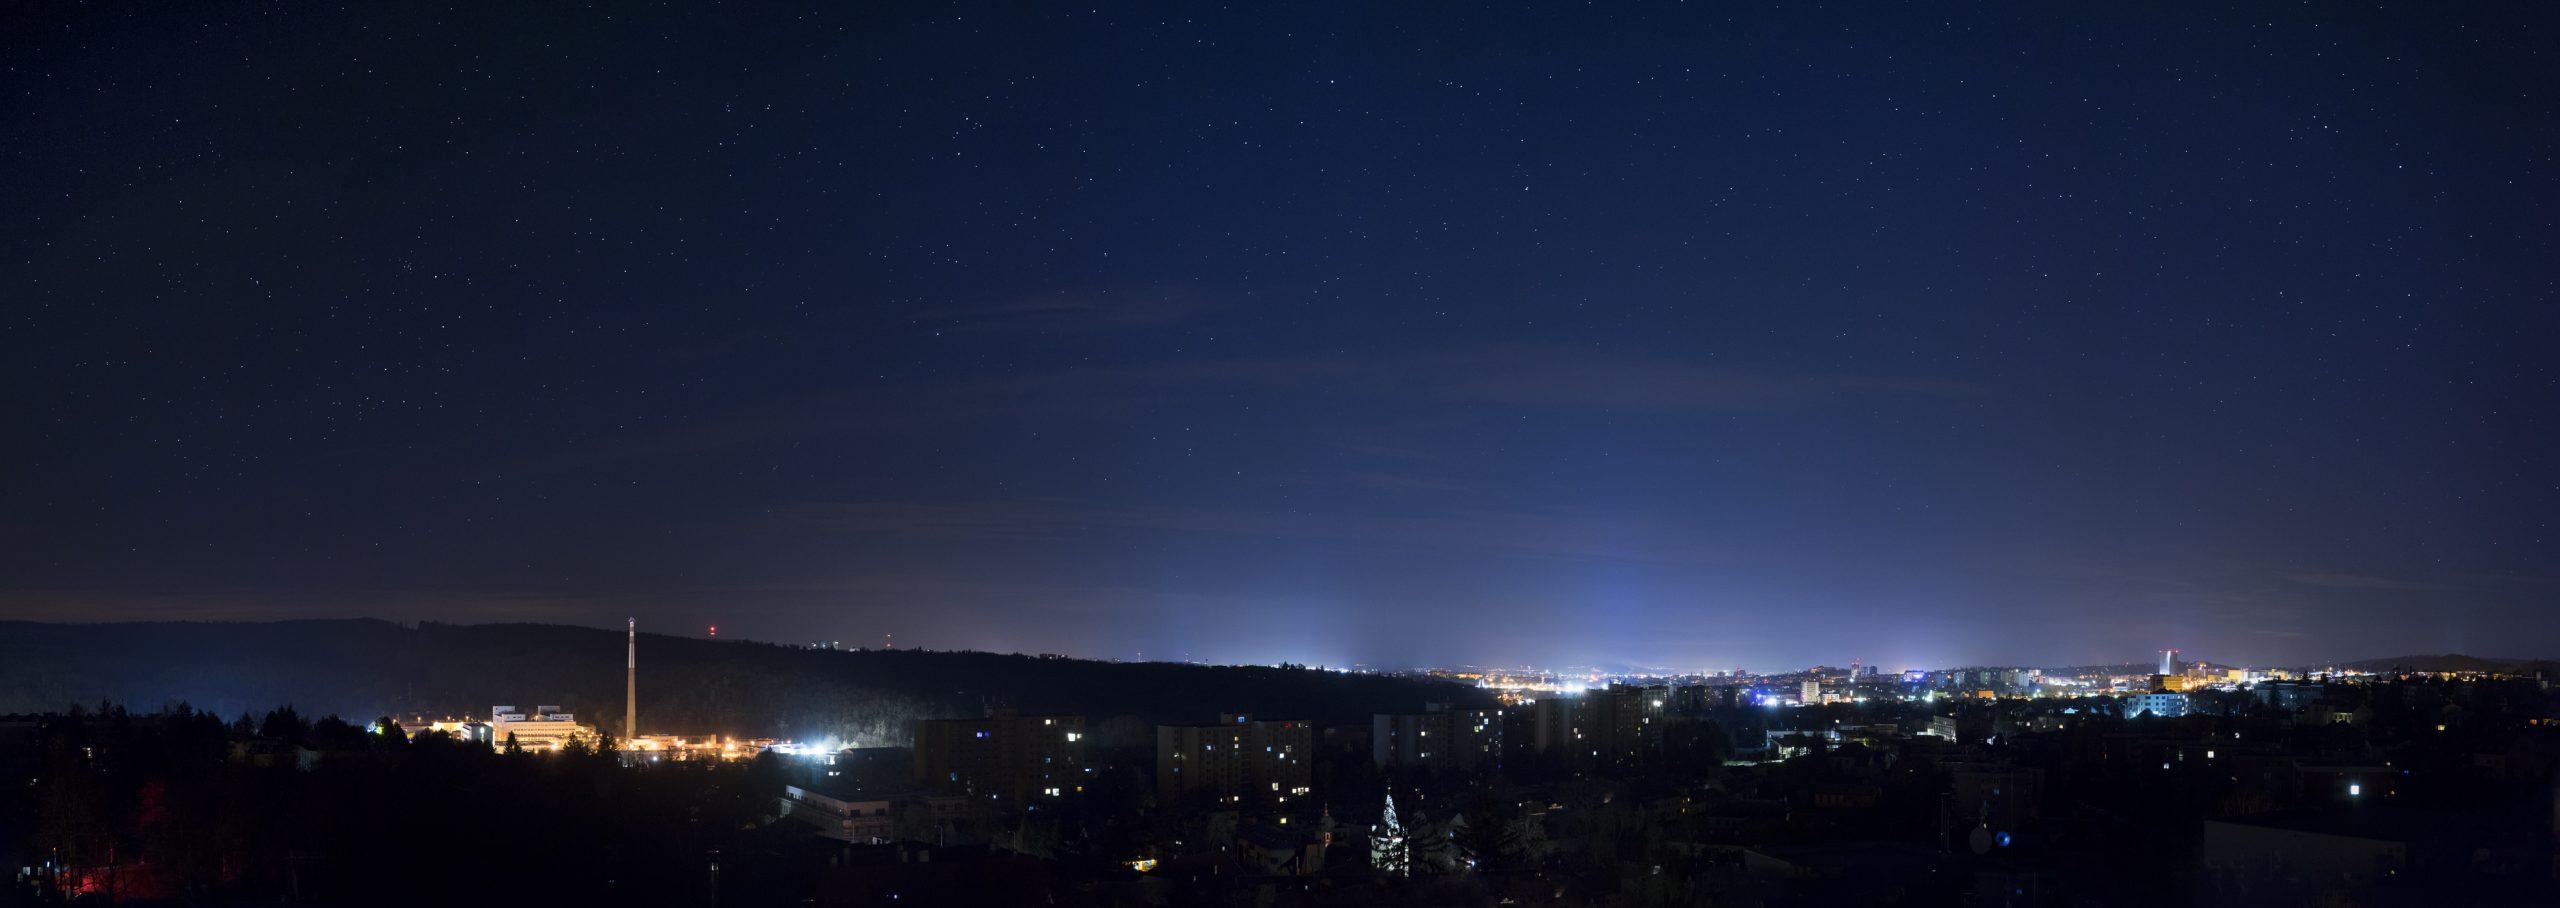 Panorama nočního Brna bez poulišního osvětlení